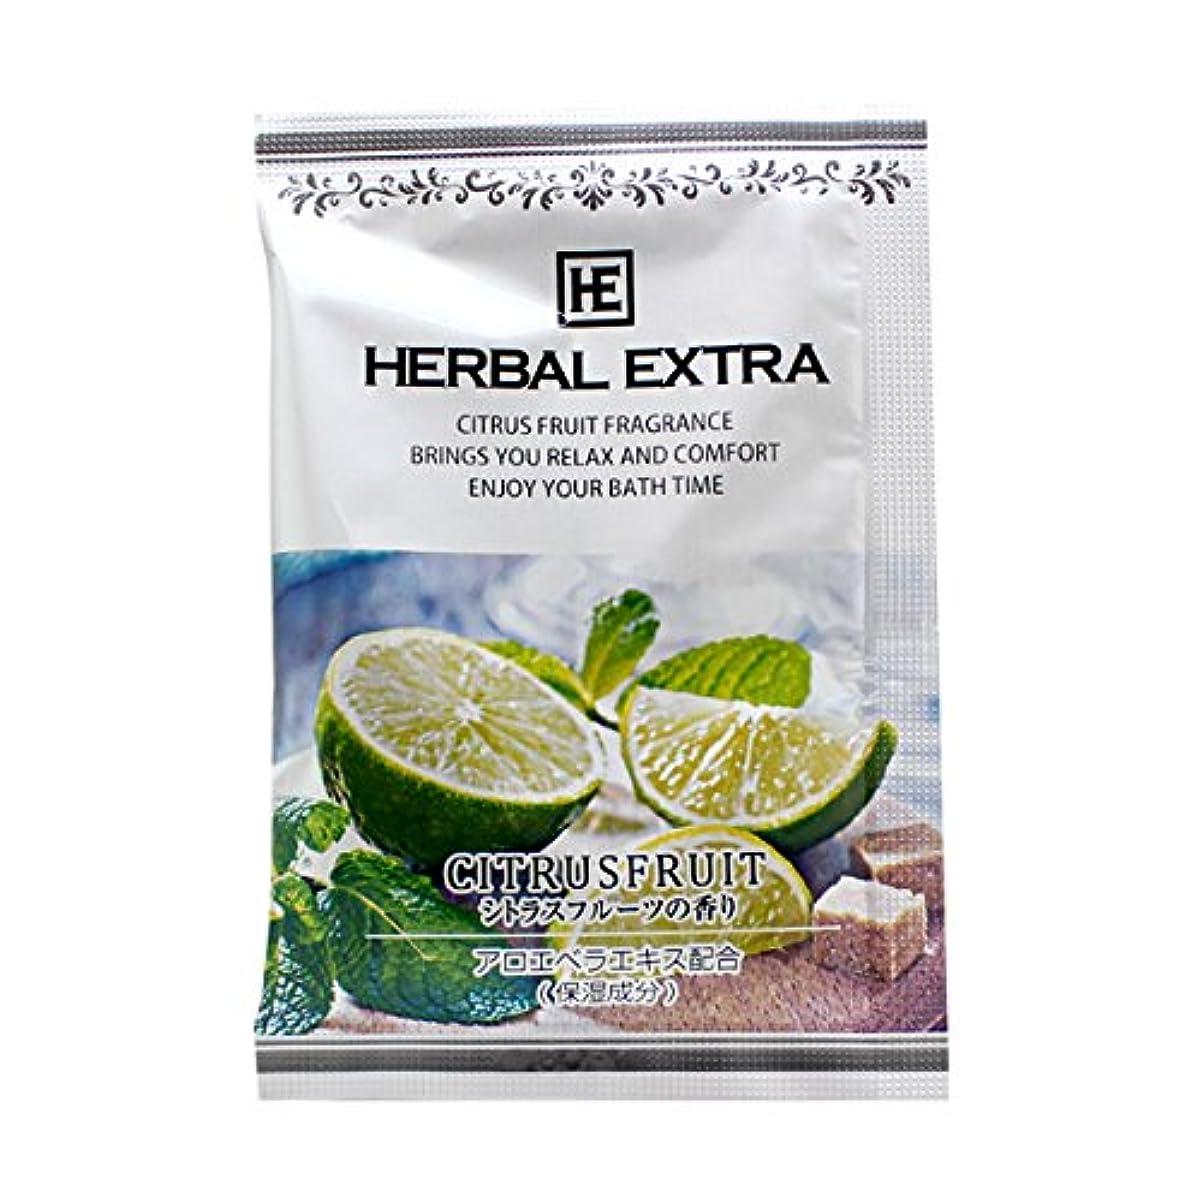 入浴剤 ハーバルエクストラ「シトラスフルーツの香り」30個